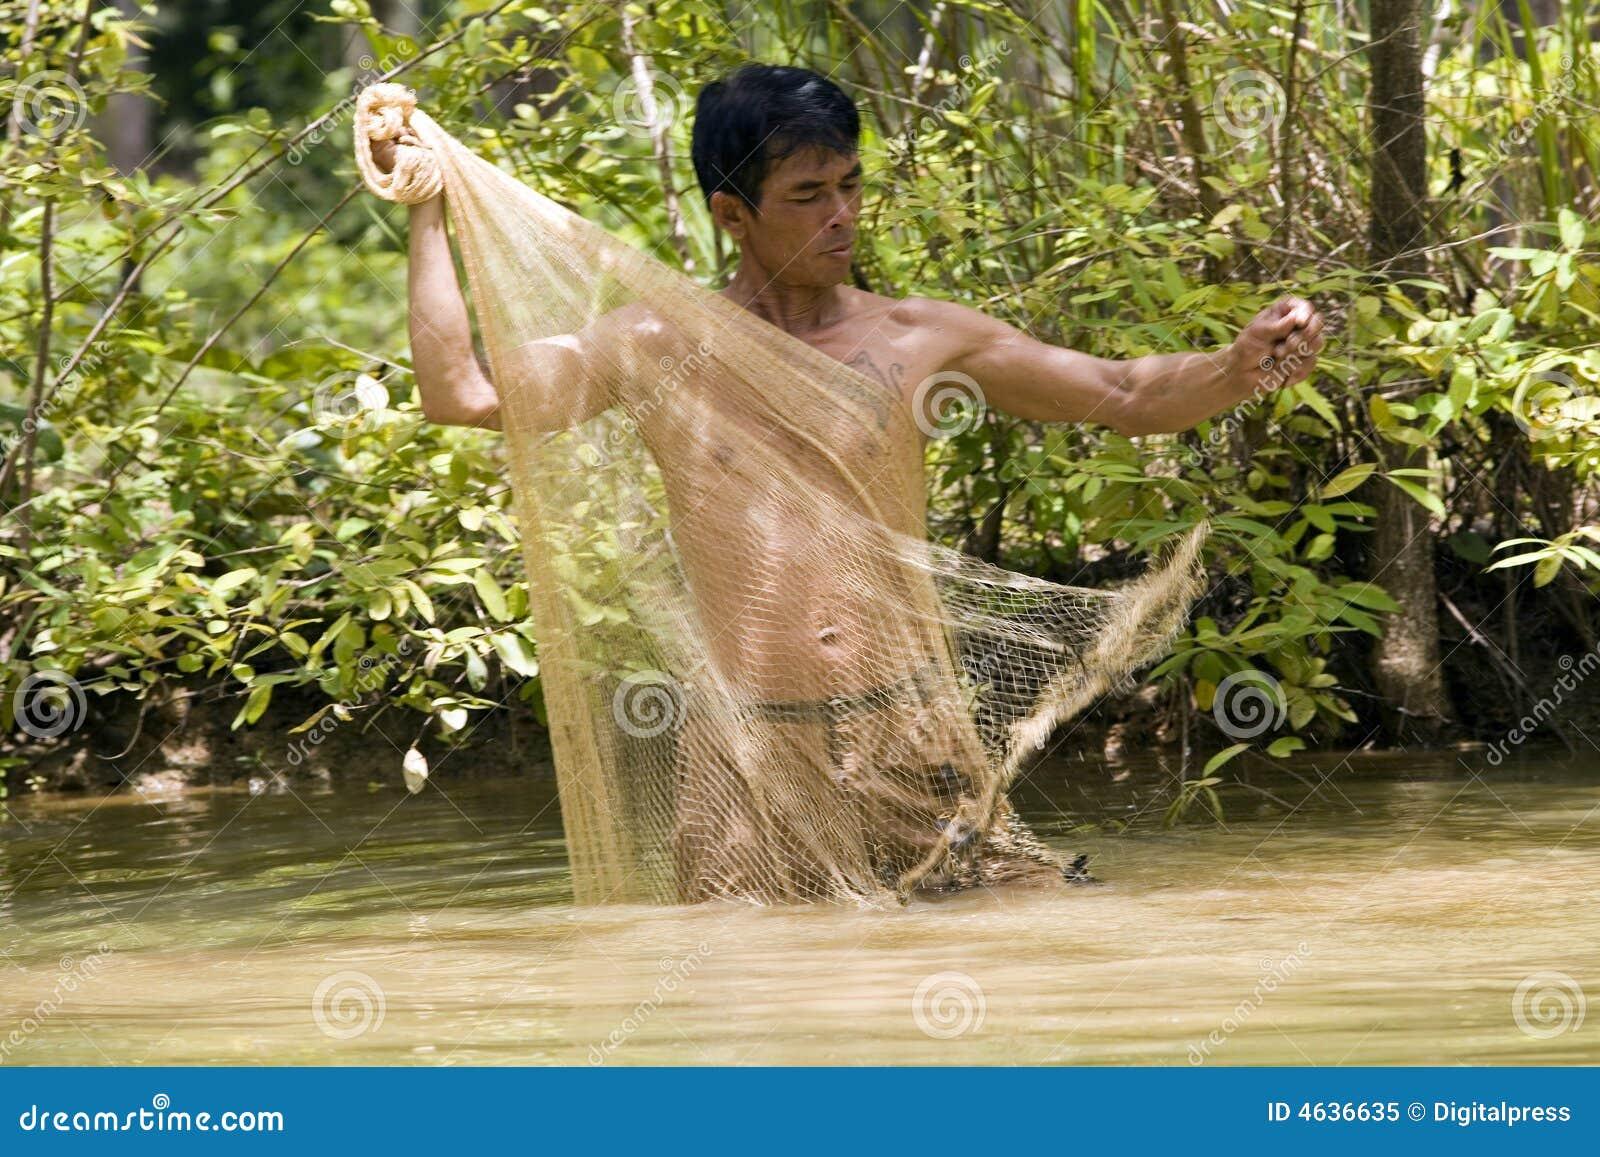 Pesca con una red del tiro